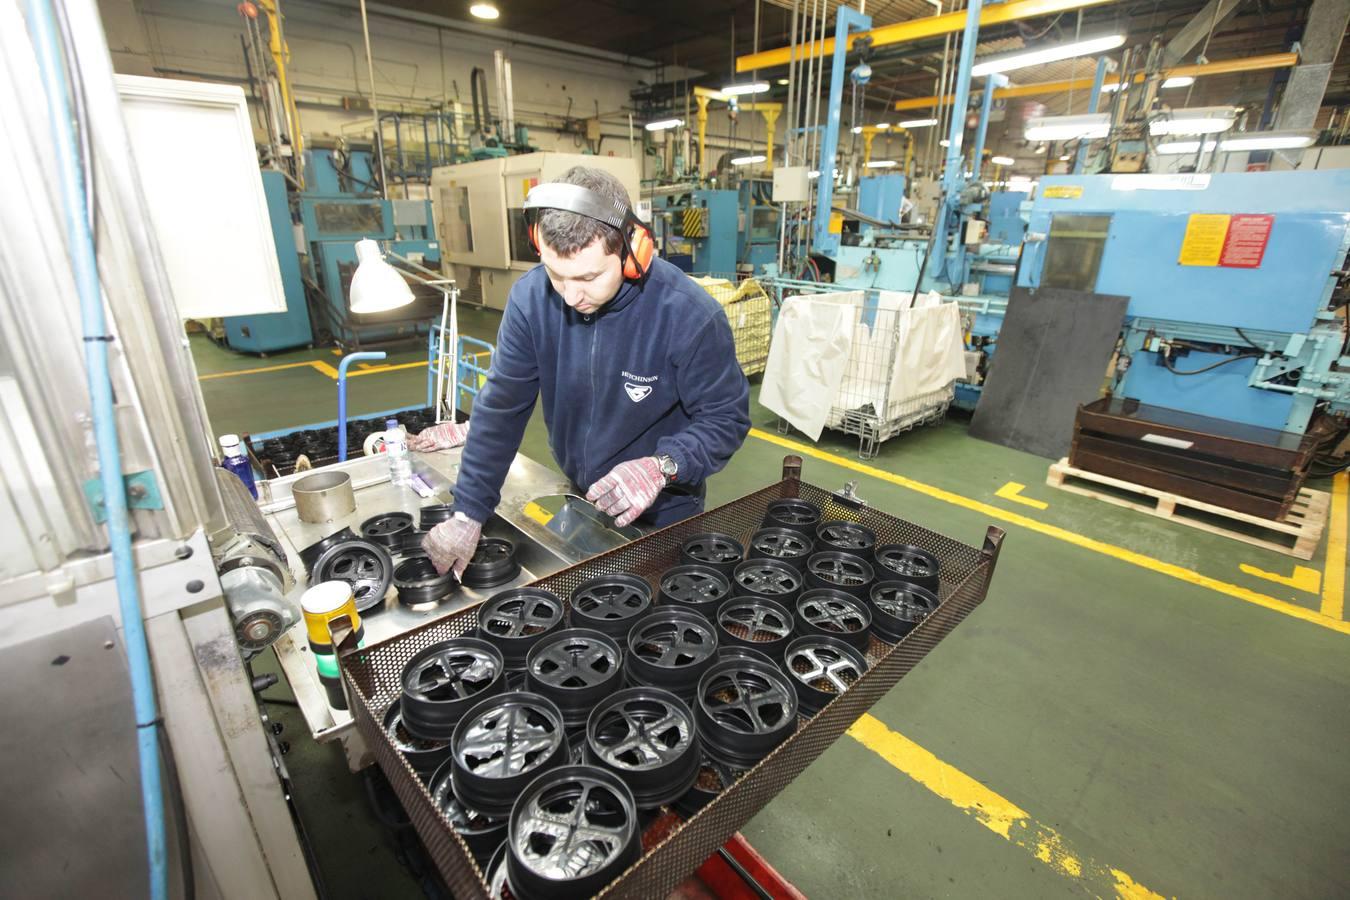 Catelsa elabora 130 millones de productos de caucho y termoplástico para la industria de la automoción al año